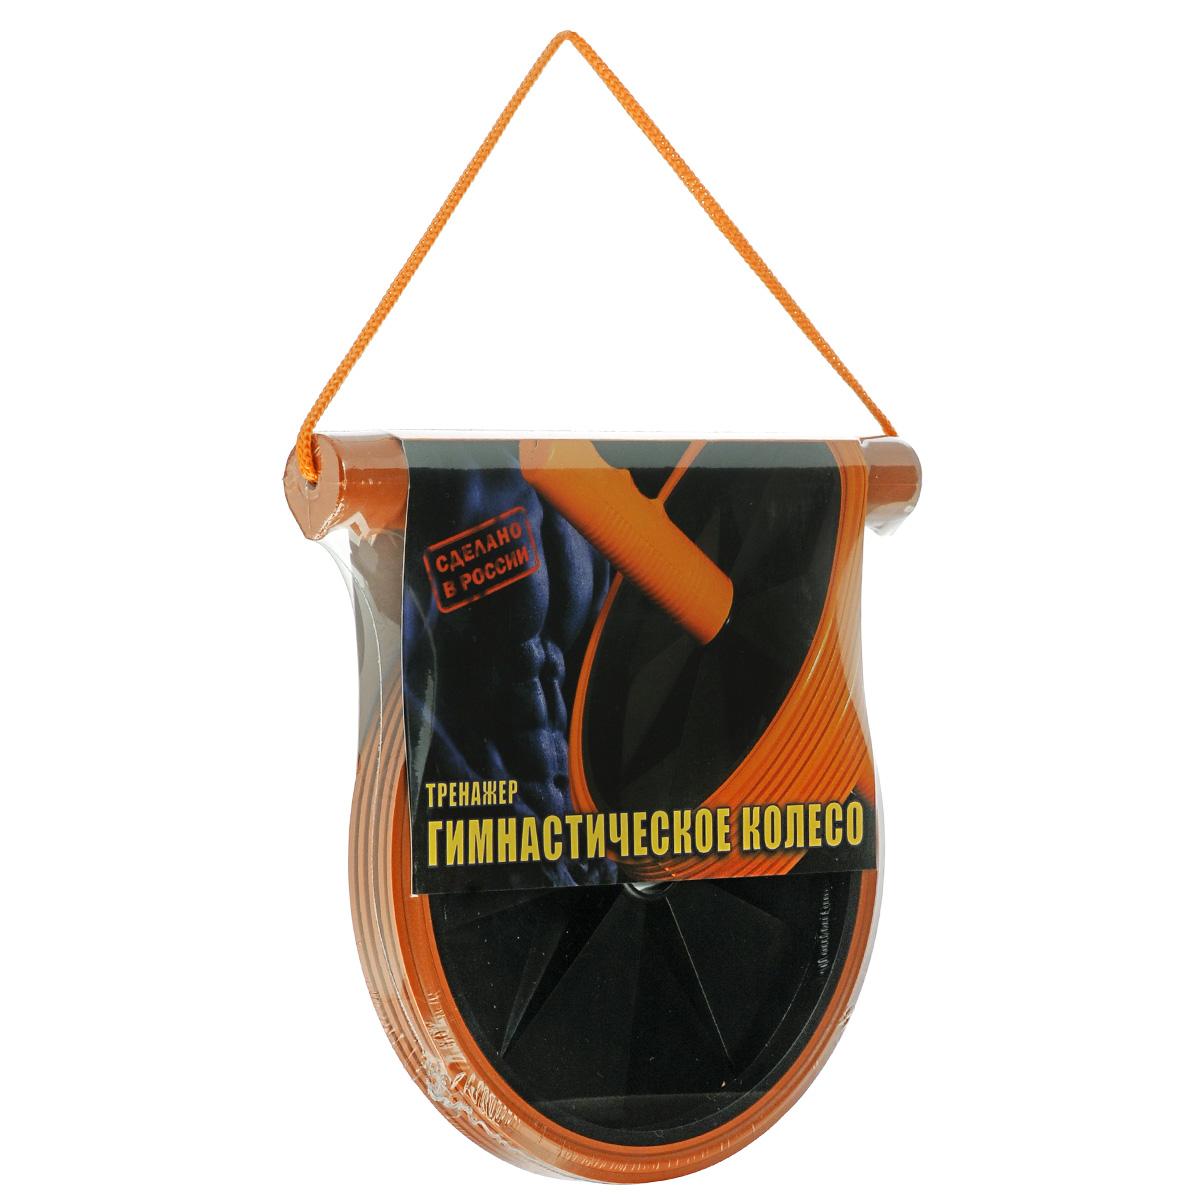 Ролик гимнастический Варяг, одинарный, цвет: оранжевый, черныйES-0103Гимнастический ролик Варяг представляет собой пластиковое колесо, одетое на металлический стержень с ручками, предназначен для индивидуальных занятий физкультурой и фитнесом. Тренировки с гимнастическим роликом повышают тонус мышц брюшного пресса, рук, ног, бедер и плеч, а также значительно улучшают рельеф и форму живота. Гимнастический ролик Варяг поможет поддерживать ваше тело в хорошей физической форме, развивать гибкость, выносливость и избавиться от лишнего веса. Диаметр ролика: 18 см. Длина ручки: 22 см. Толщина ролика: 2,3 см.